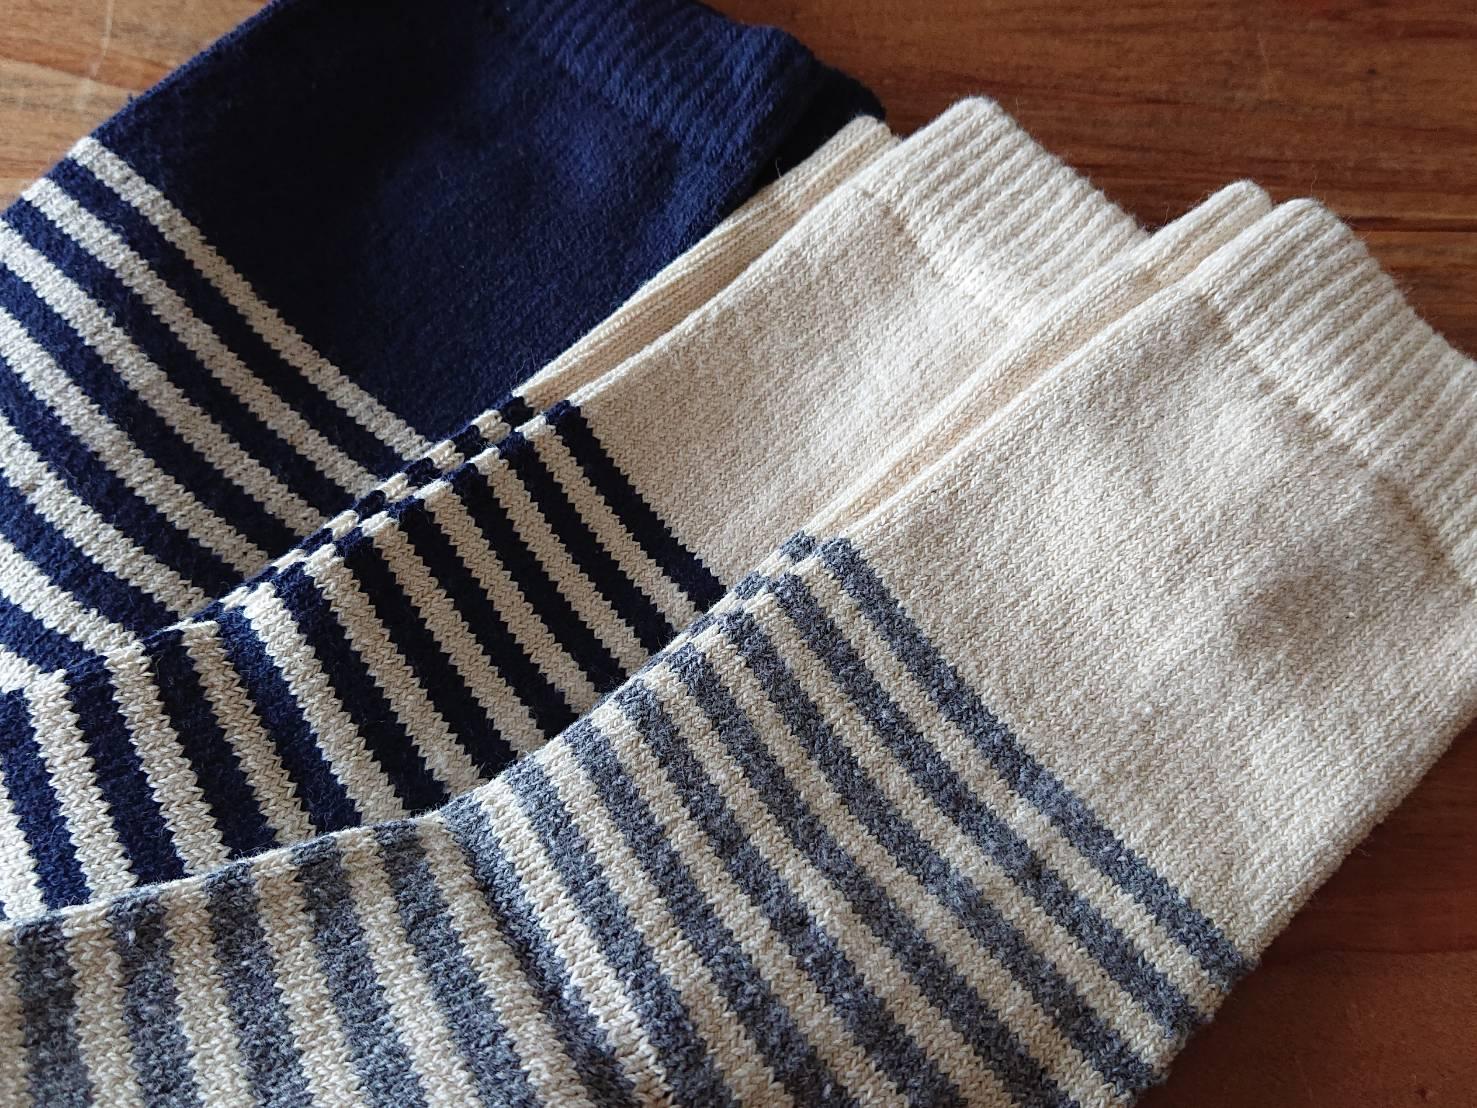 HFOOTWEAR Cotton Stripe socks コットンボーダーソックス